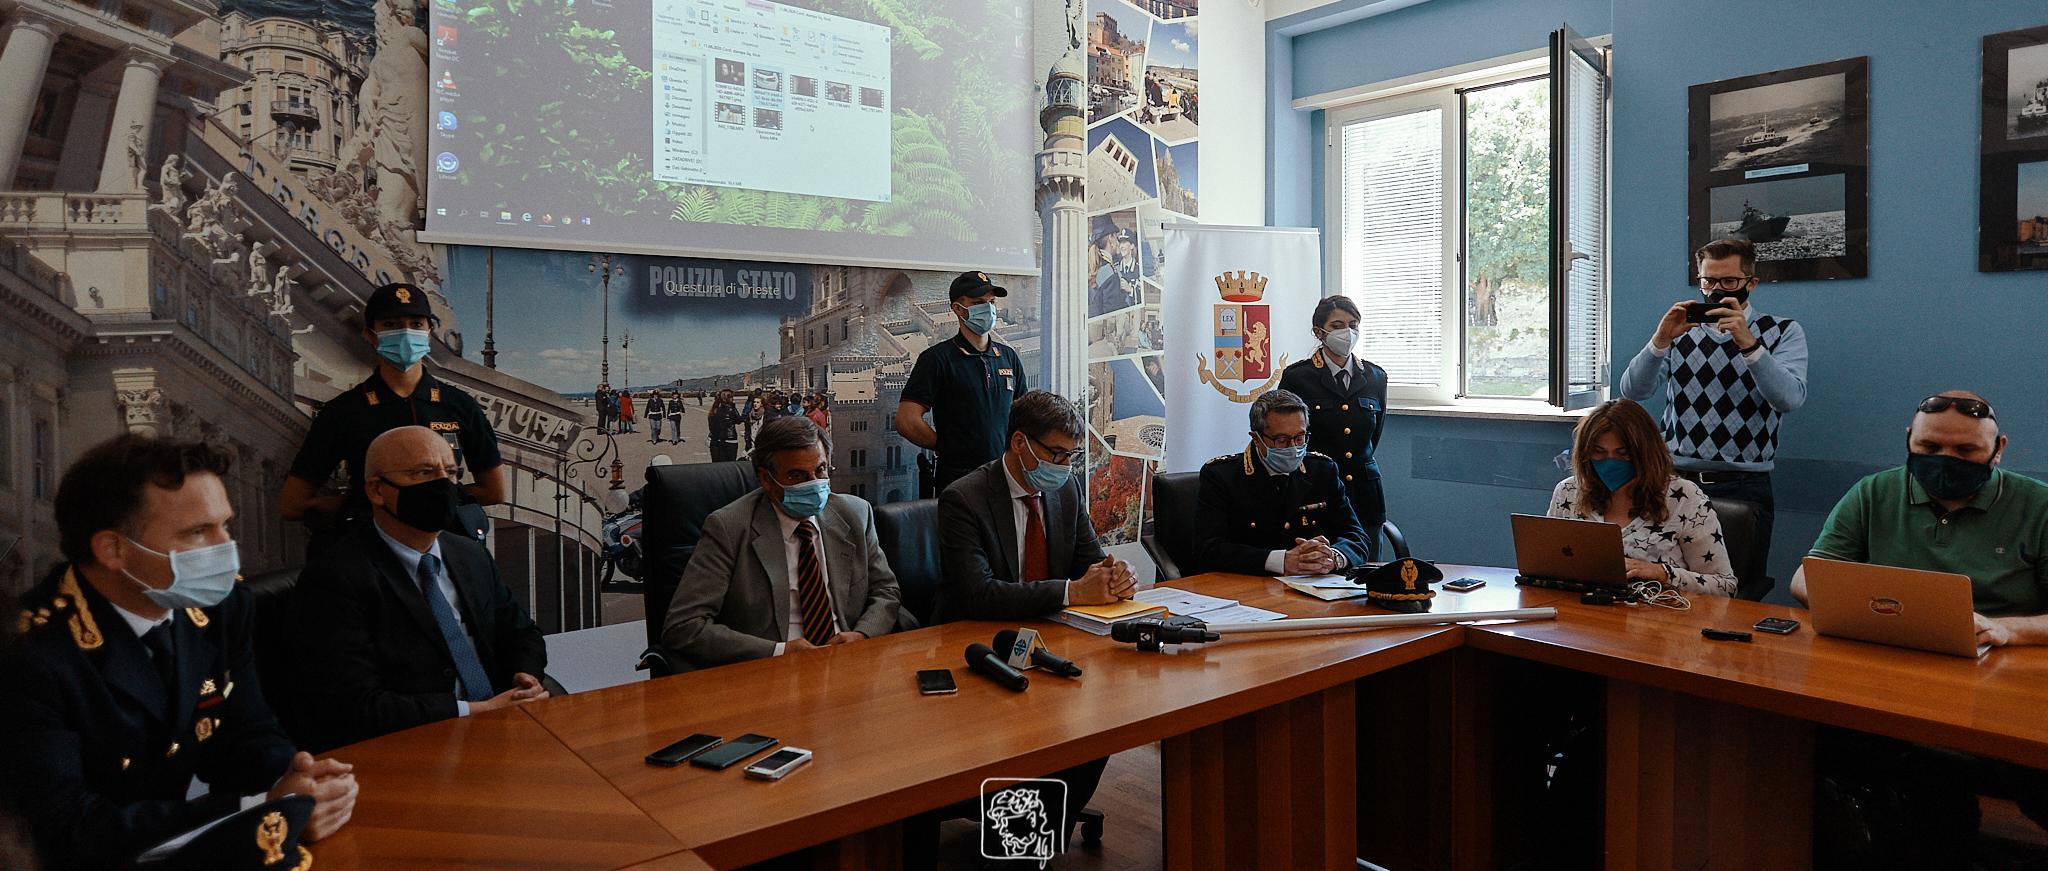 ConferenzaStampaQuestura_11-06-20__Giovanni Aiello-2